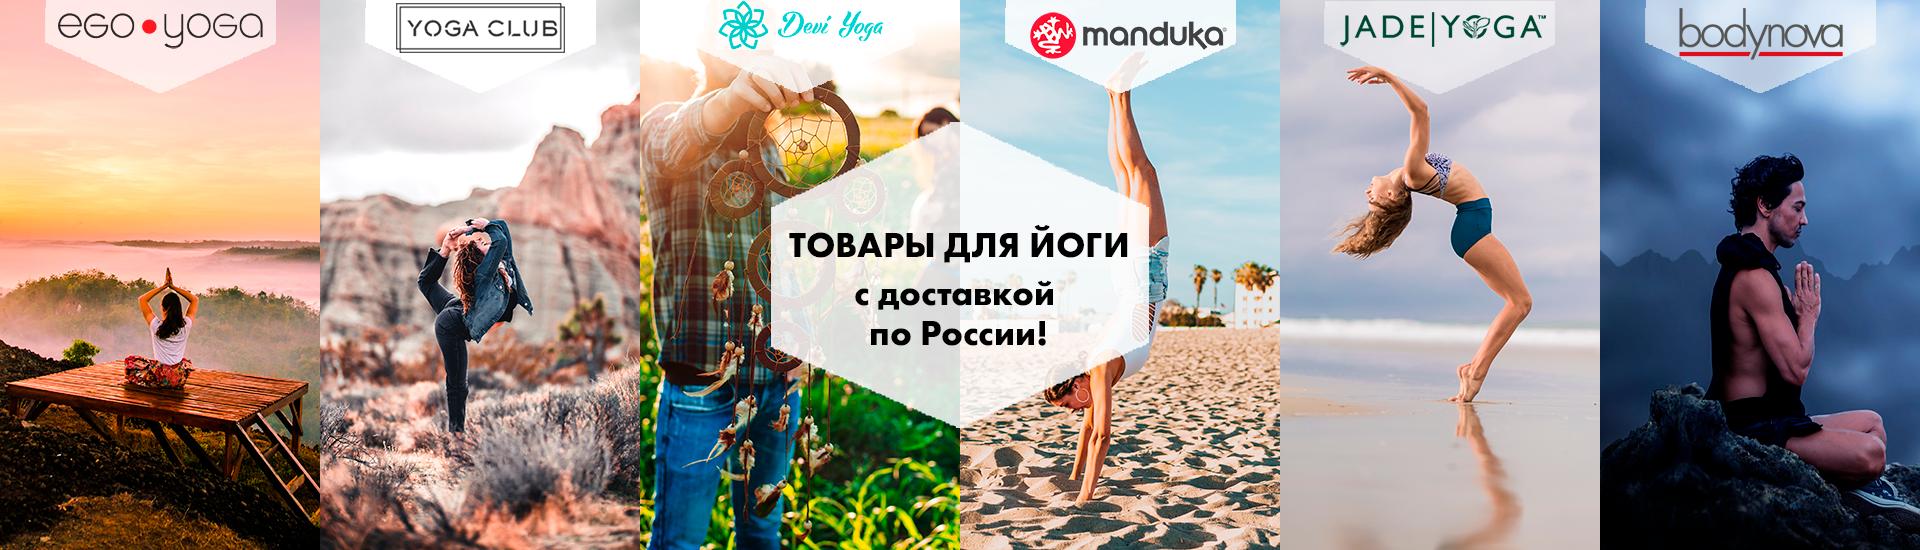 Доставка по Москве бесплатно!